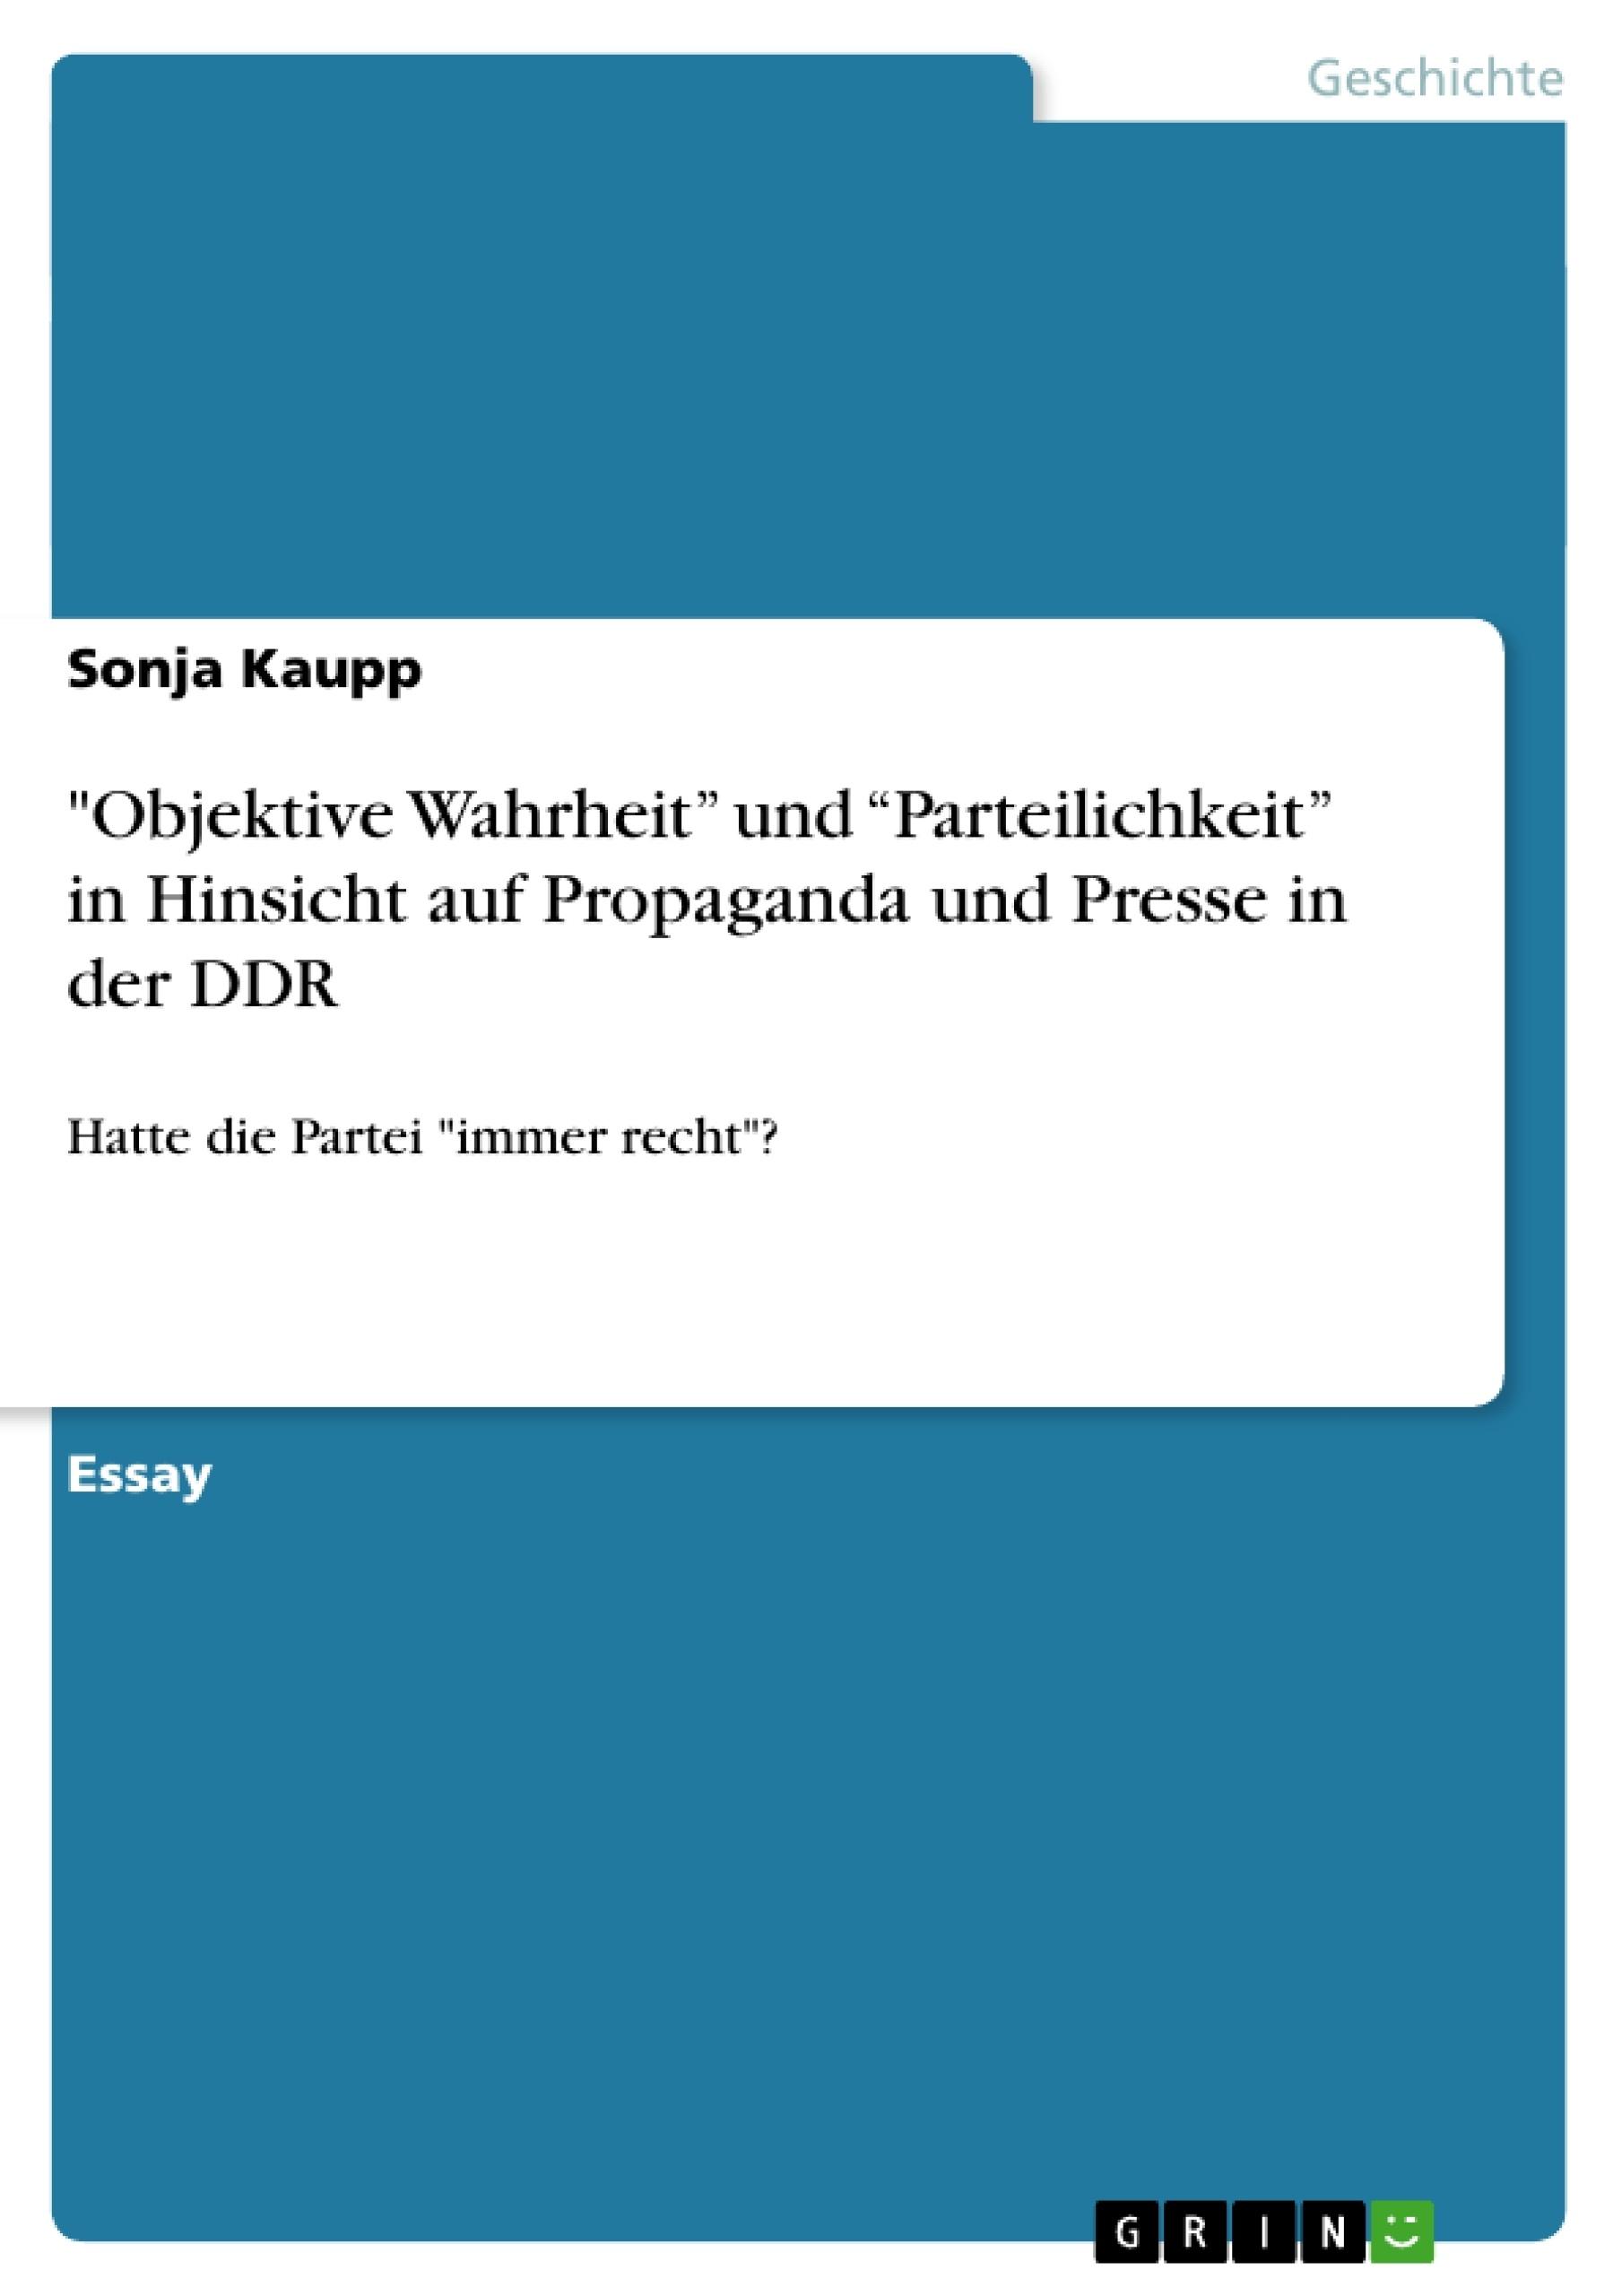 """Titel: """"Objektive Wahrheit"""" und """"Parteilichkeit"""" in Hinsicht auf Propaganda und Presse in der DDR"""